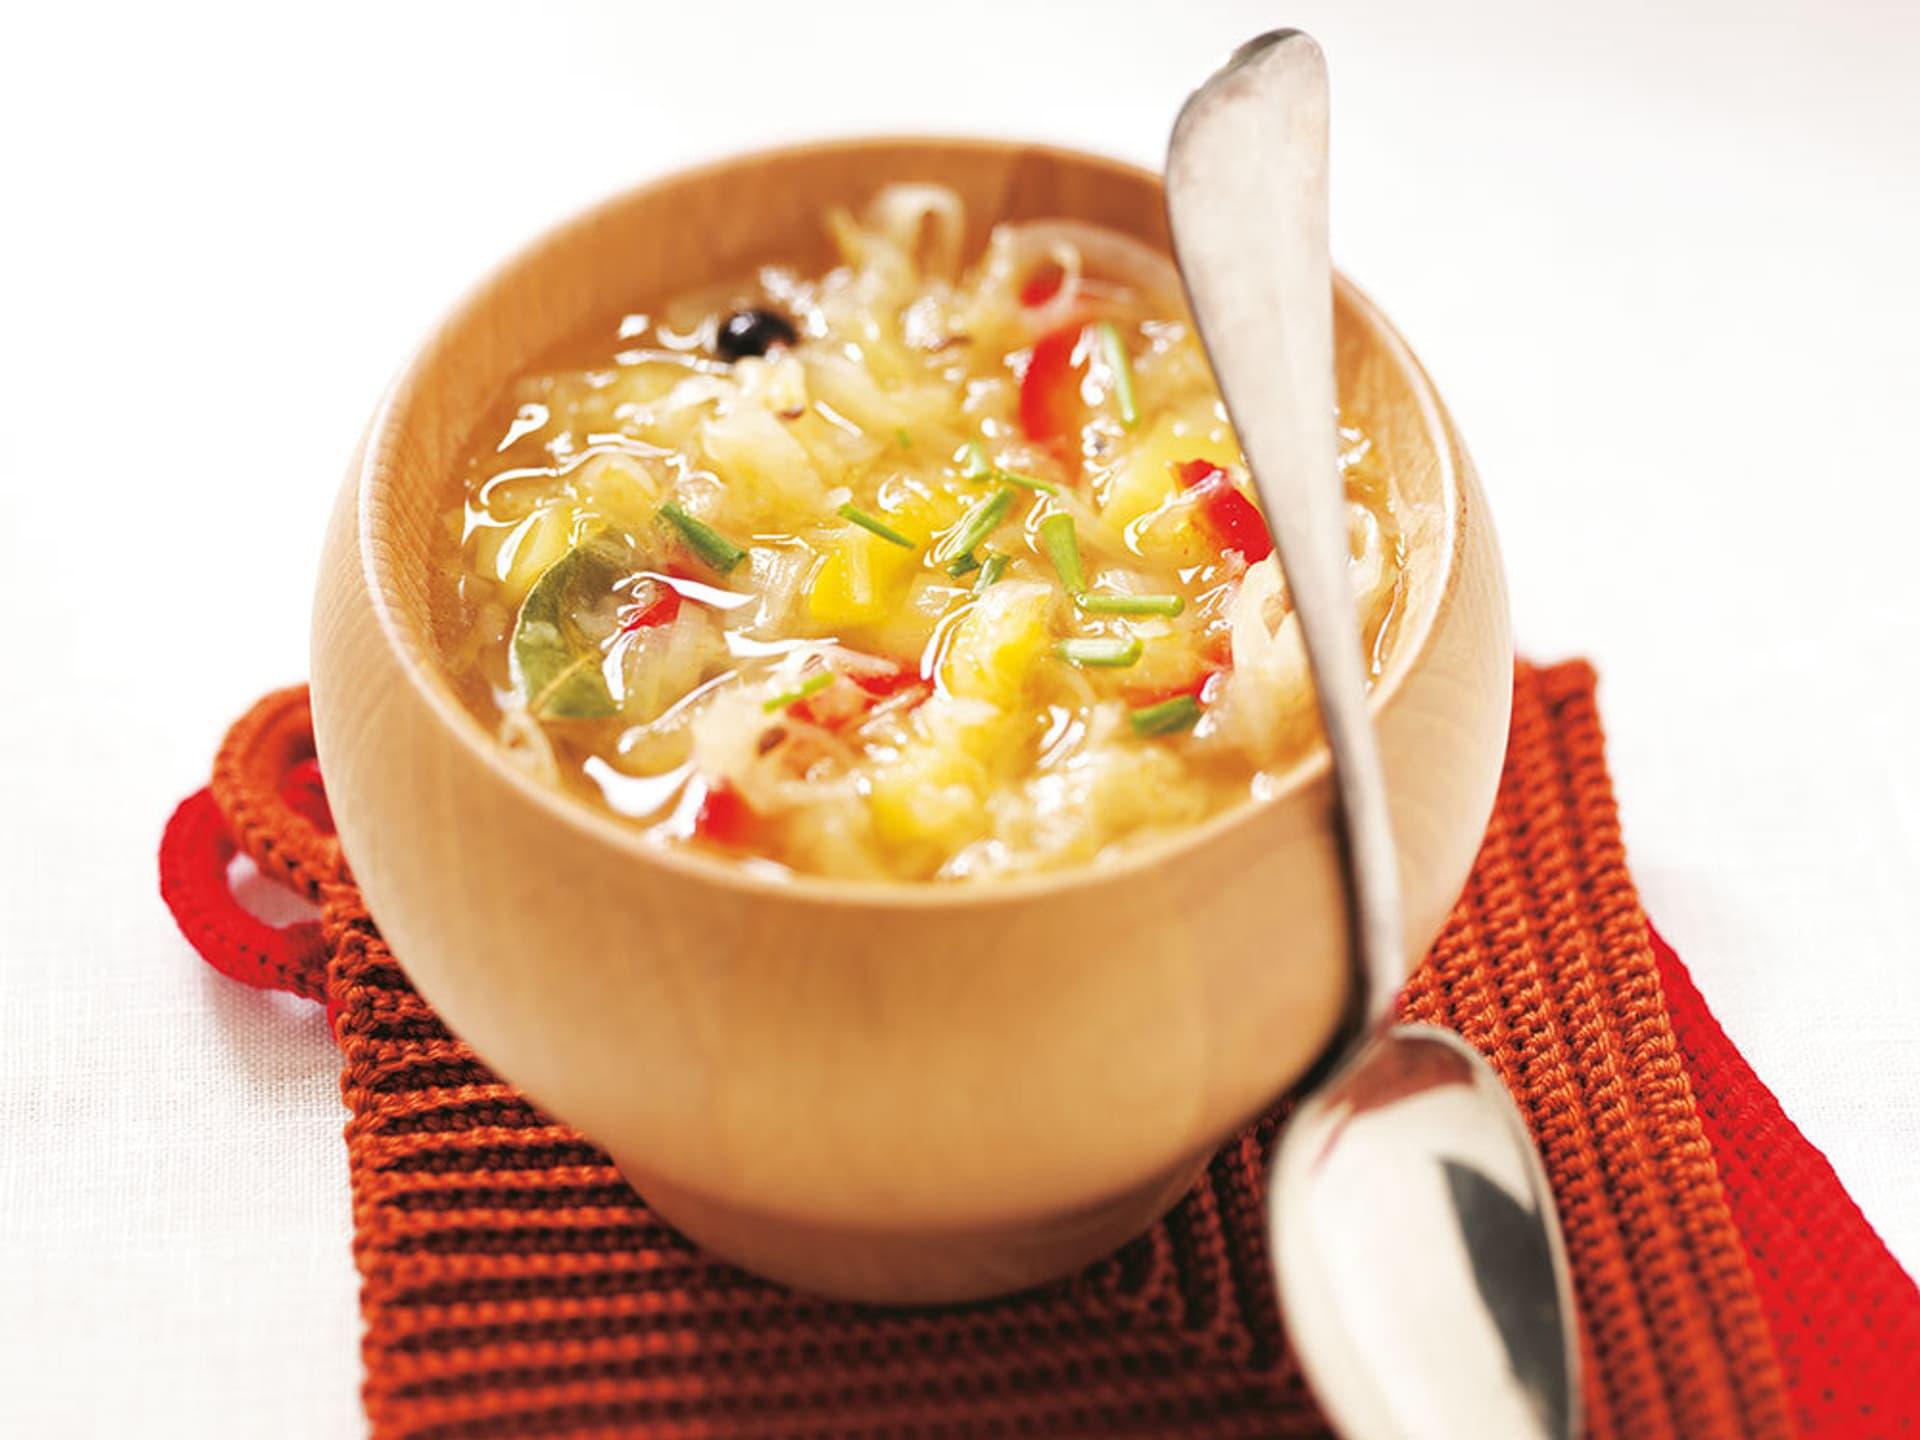 Elsaesser sauerkrautsuppe